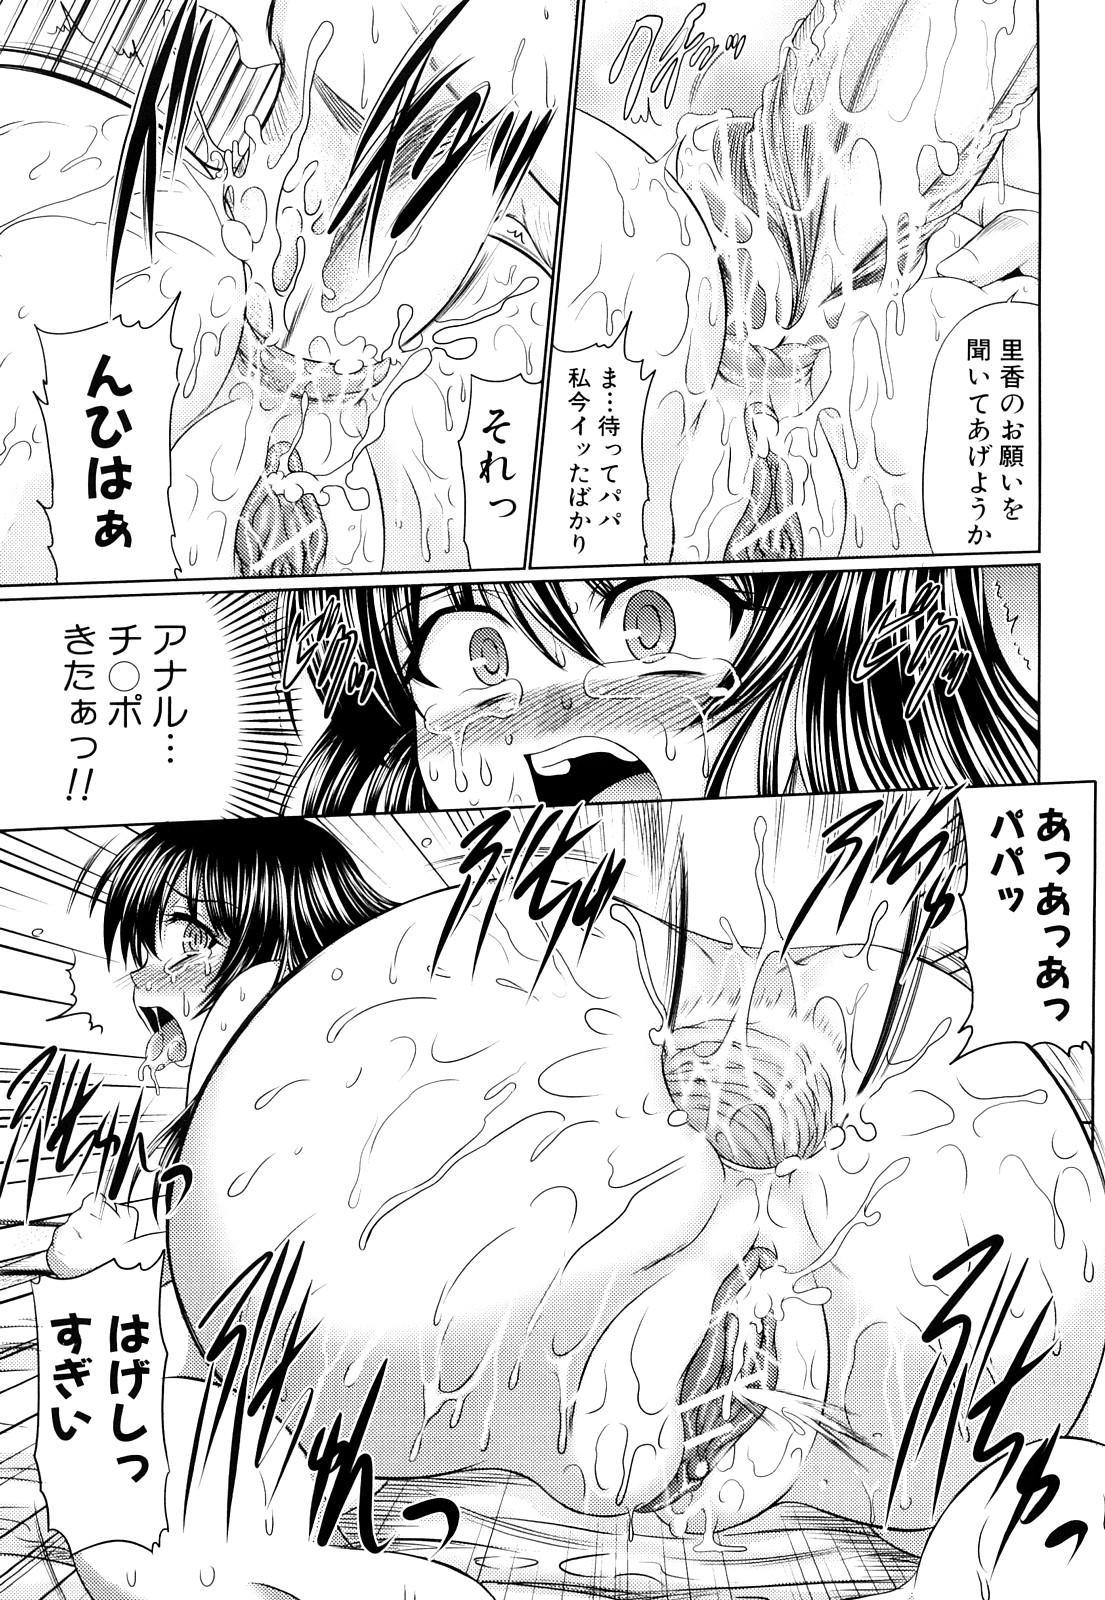 Nikuyoku Analyze 159